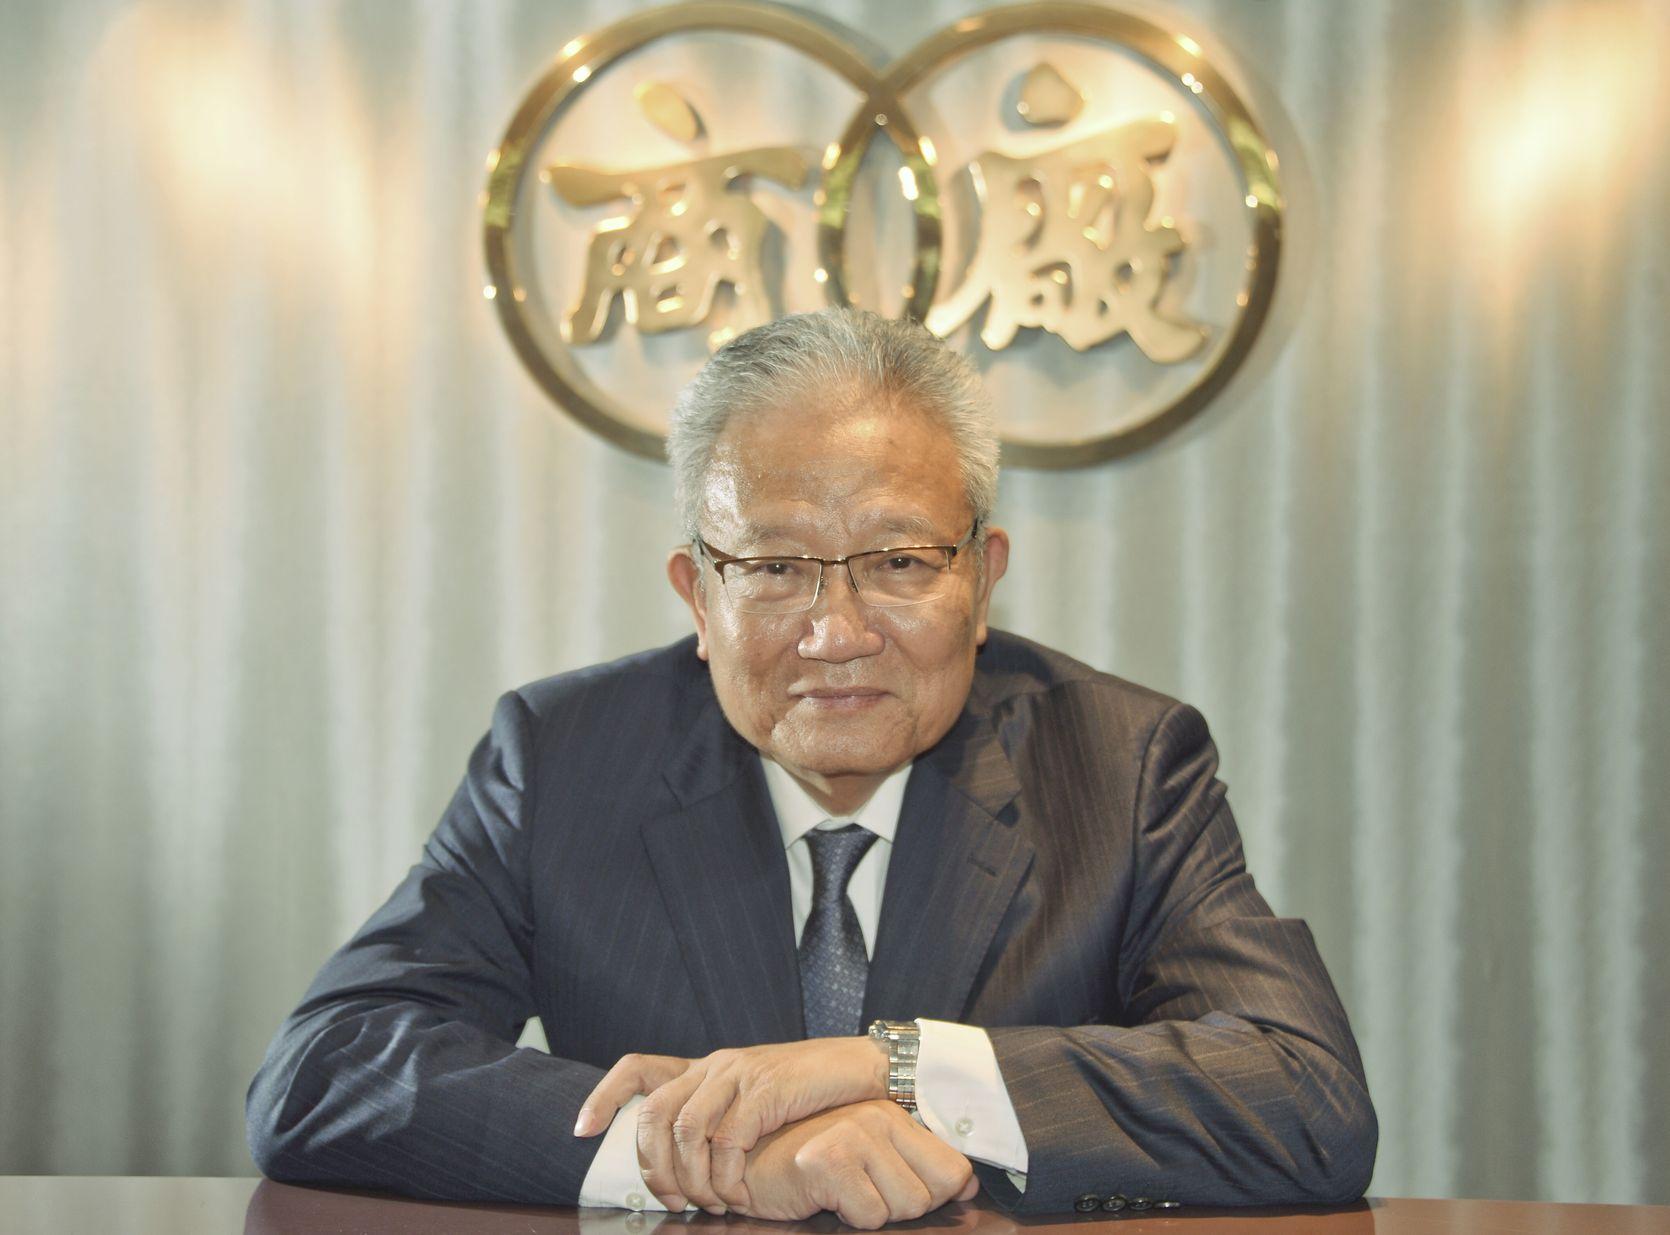 吳宏斌指,政府非常有誠意和決心解決香港當前的困局。資料圖片